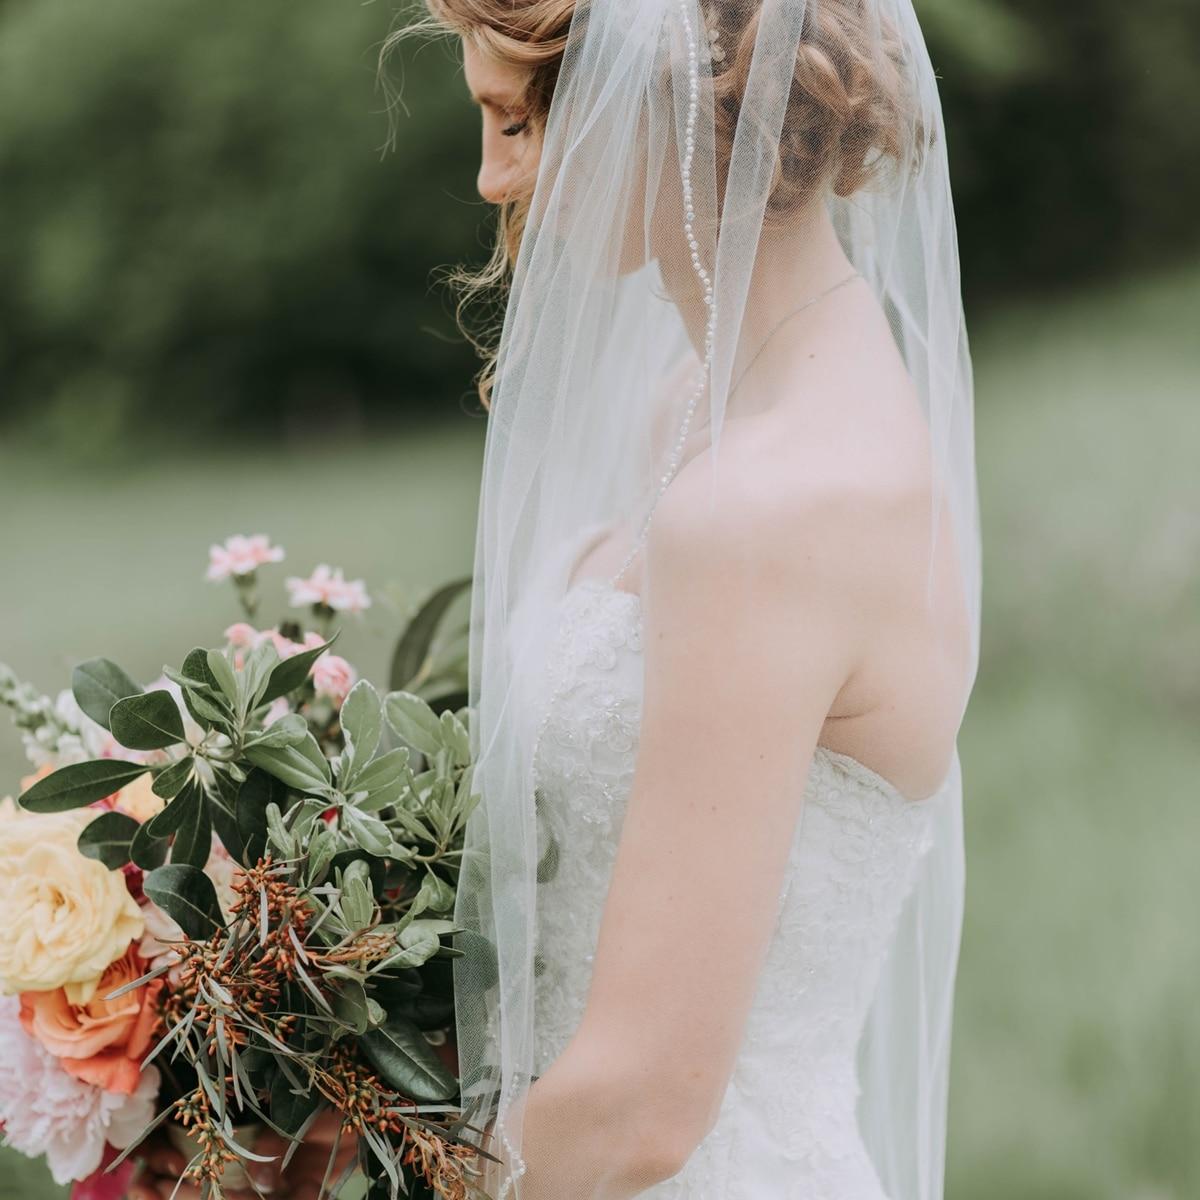 Rustic-Wedding-Before-8